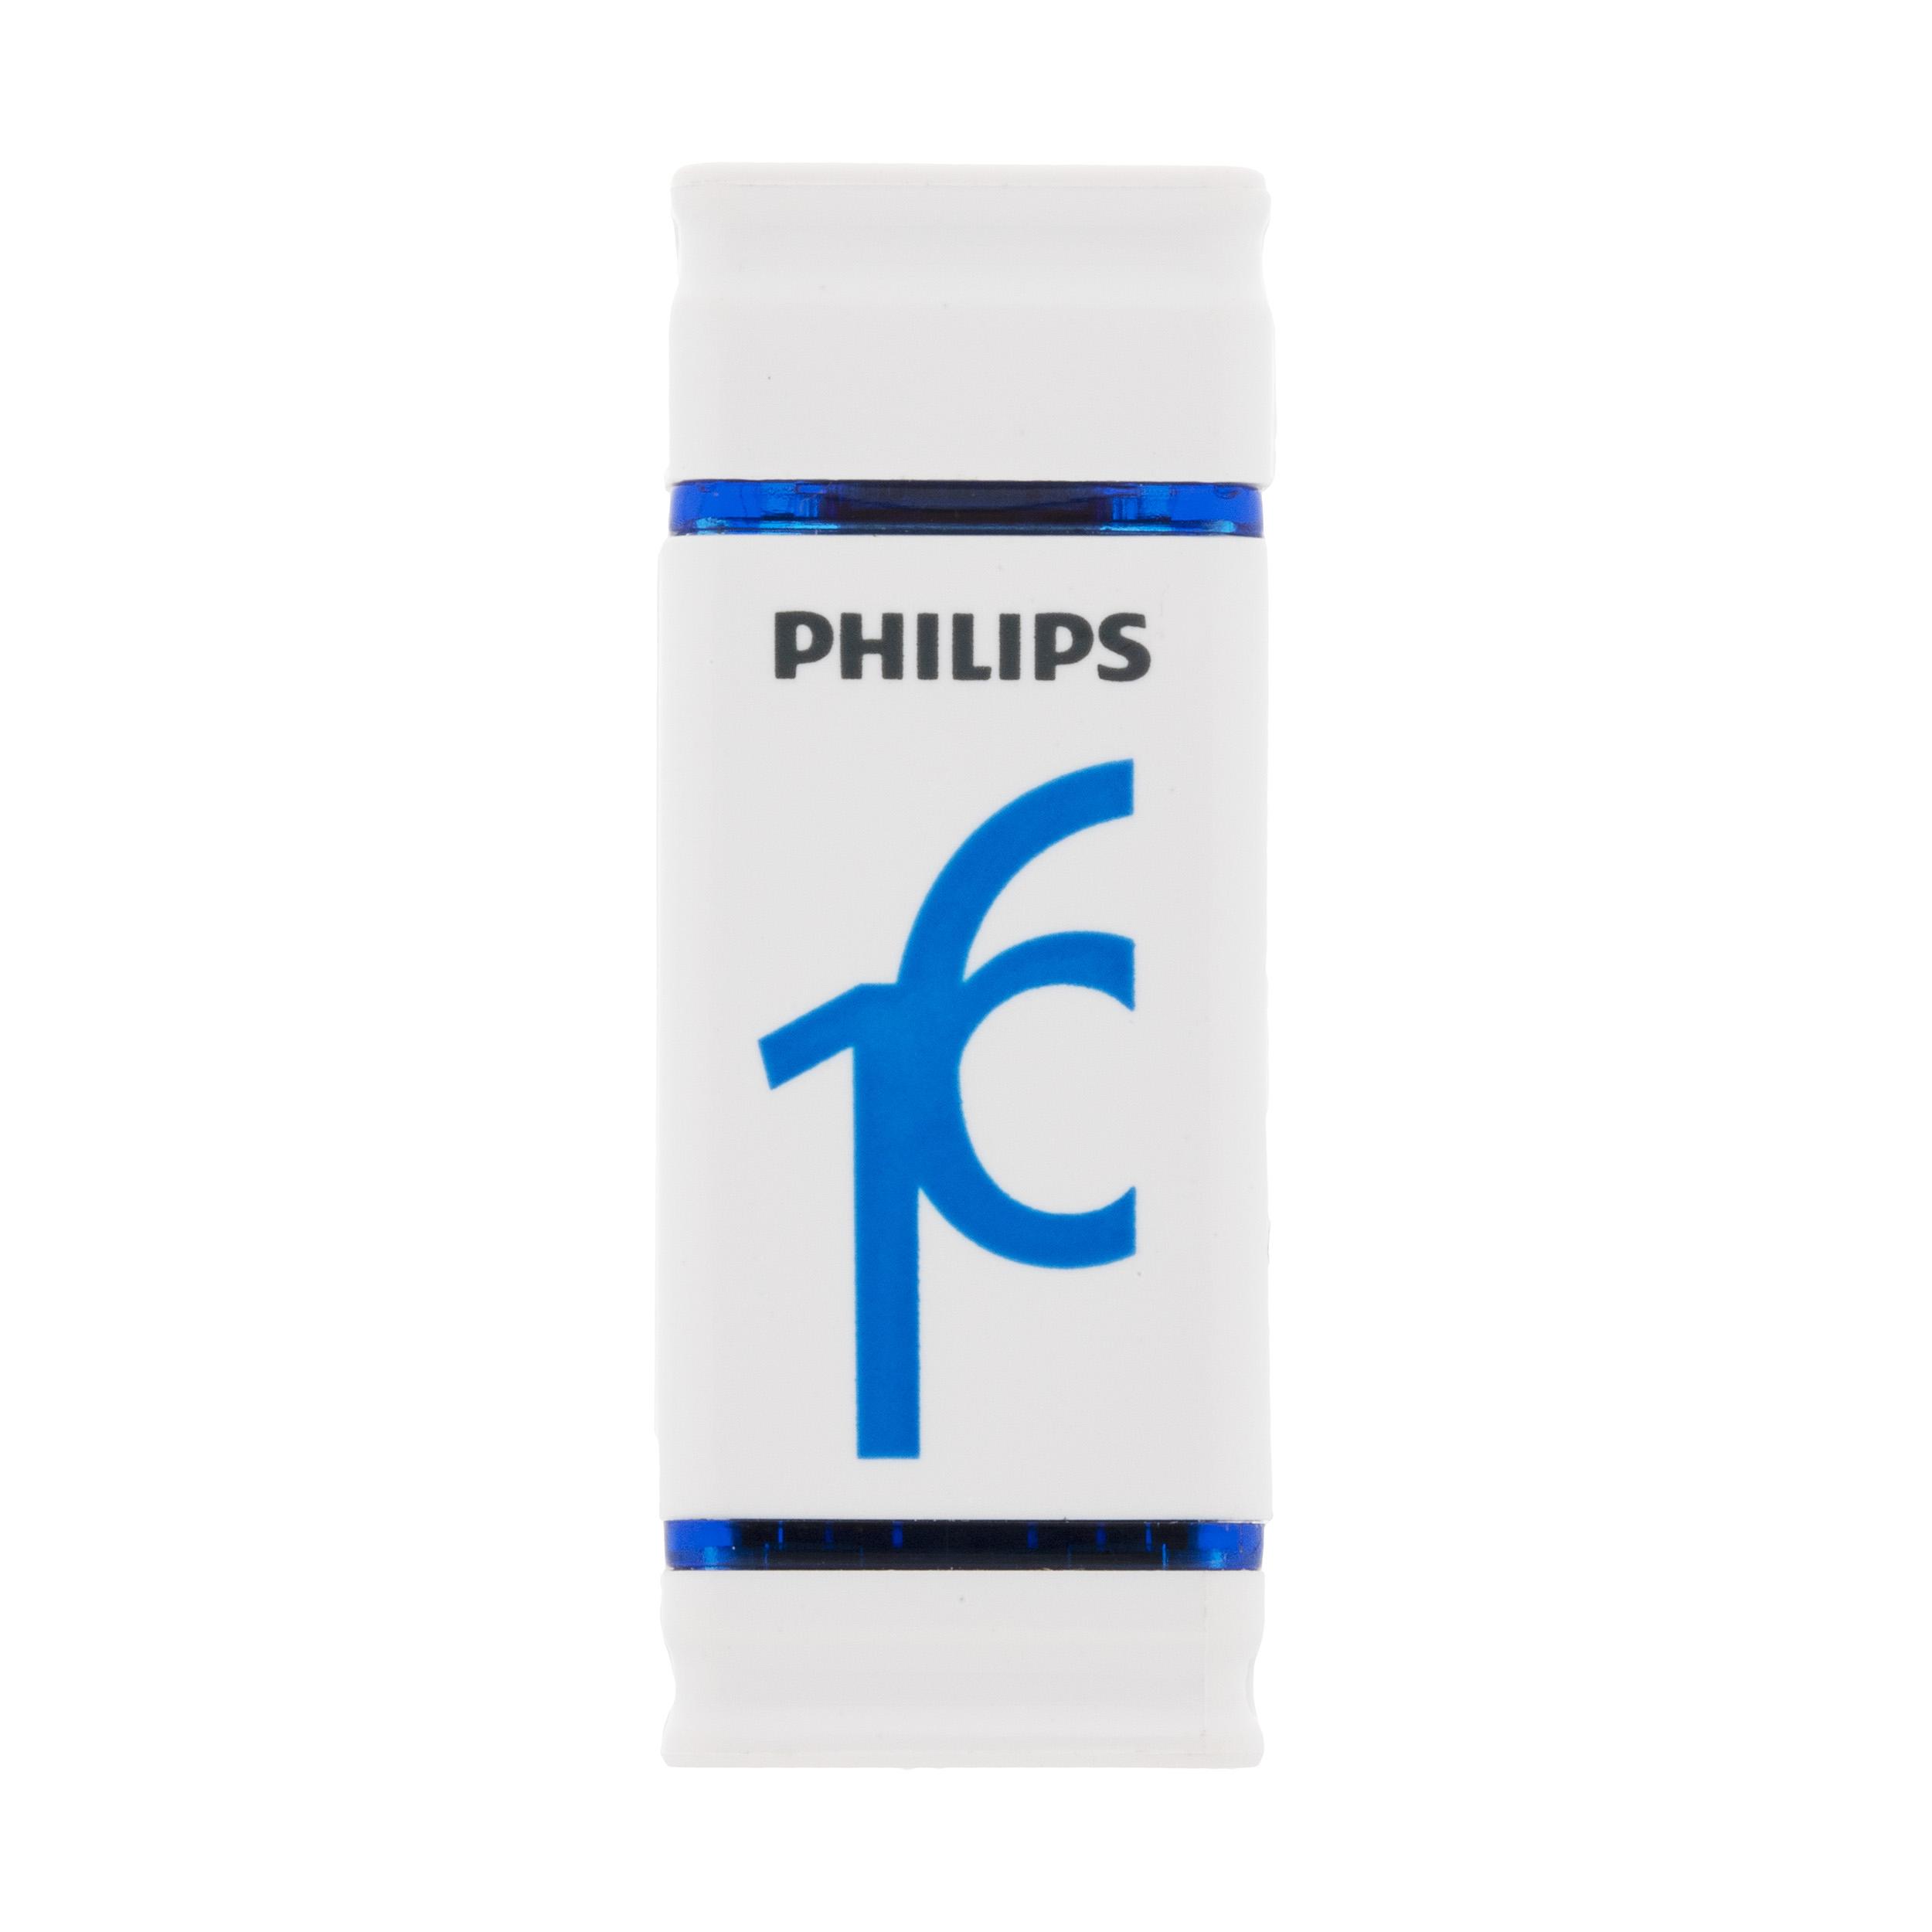 بررسی و {خرید با تخفیف}                                     فلش مموری فیلیپس مدل Dueto-FM16FDI28B ظرفیت 16 گیگابایت                             اصل